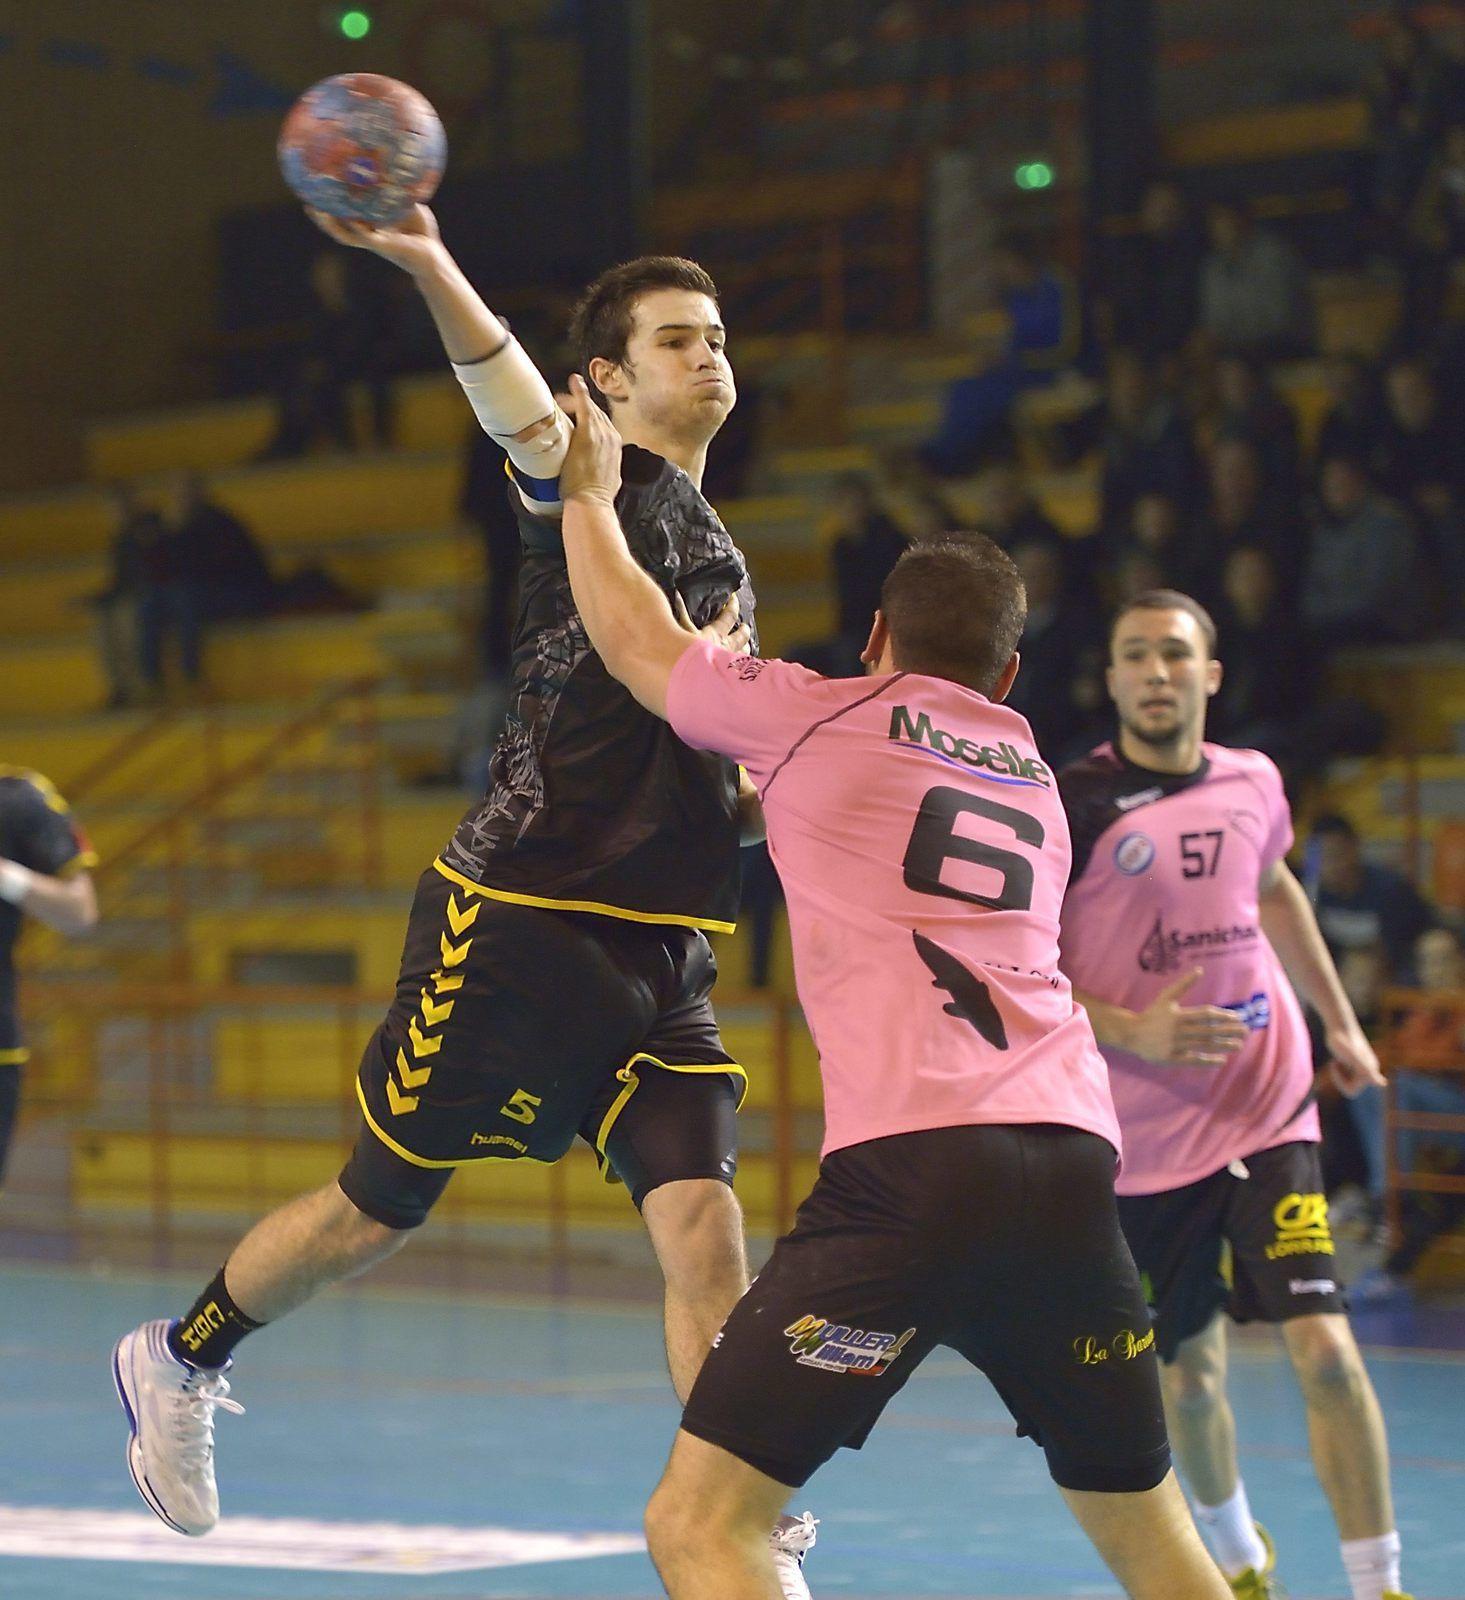 Photos : Jean Pierre RIBOLI / Jean Jaures samedi 6 décembre 2014